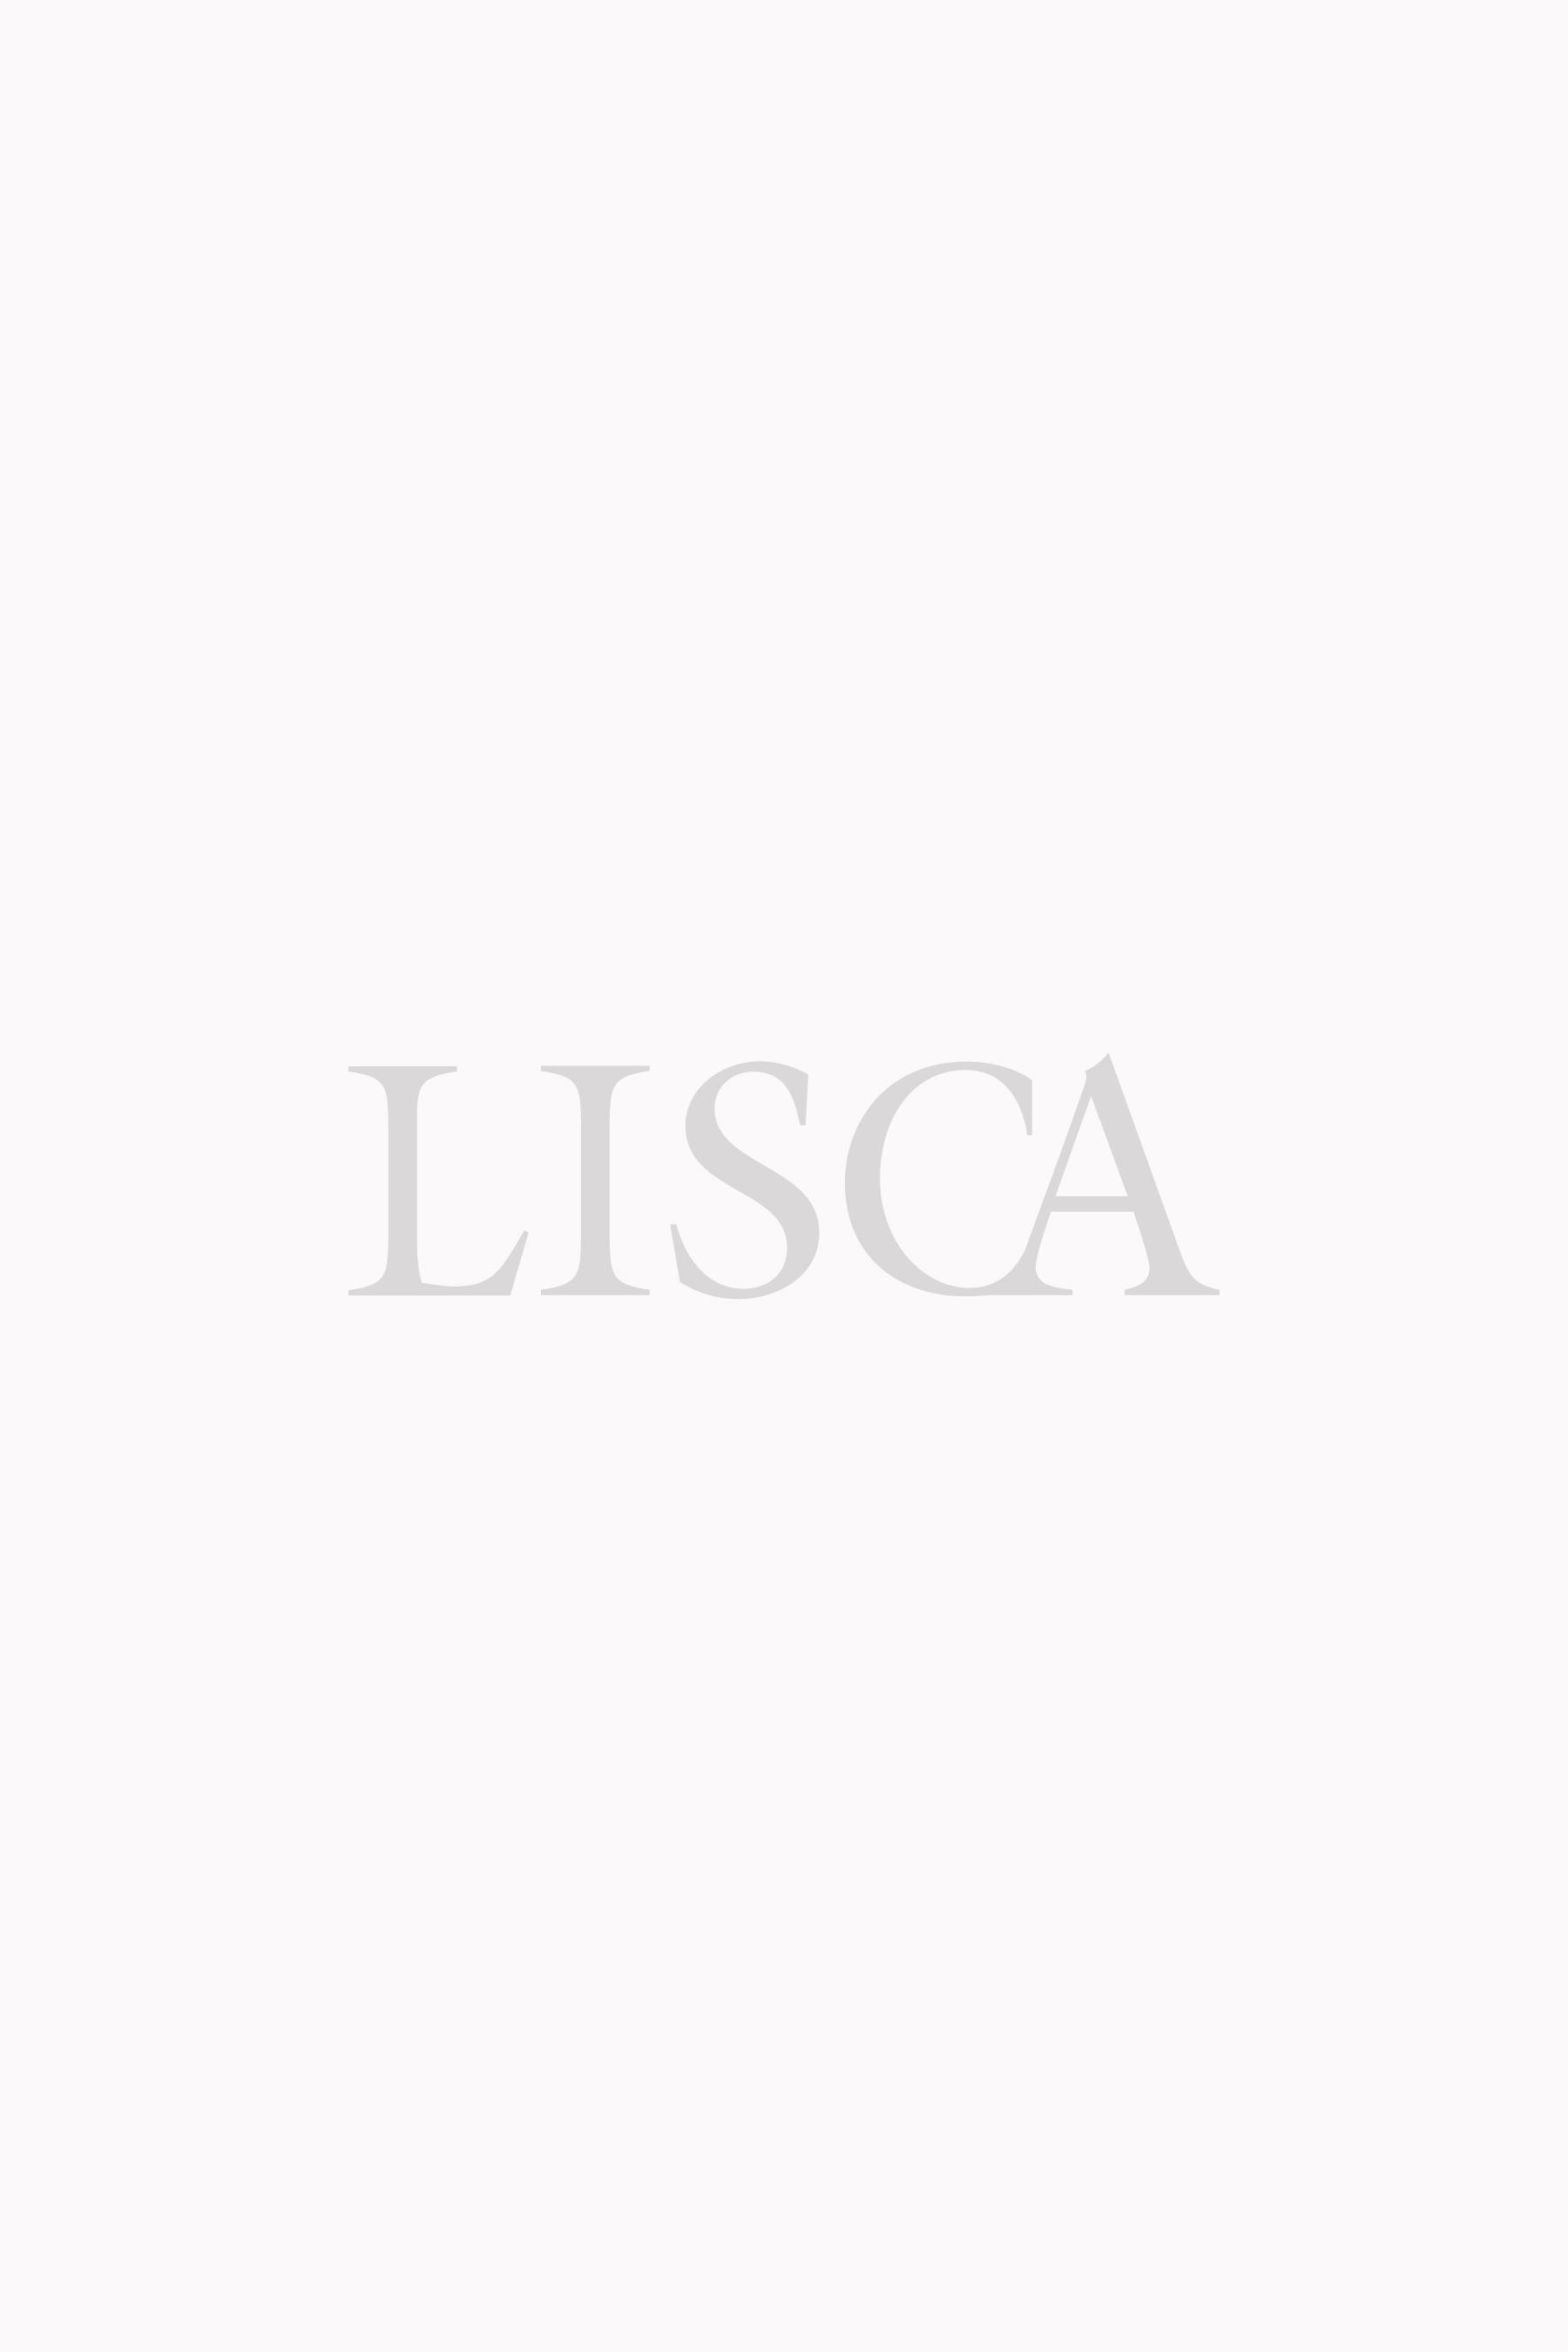 Високи гаќички »Utila« - костим за капење